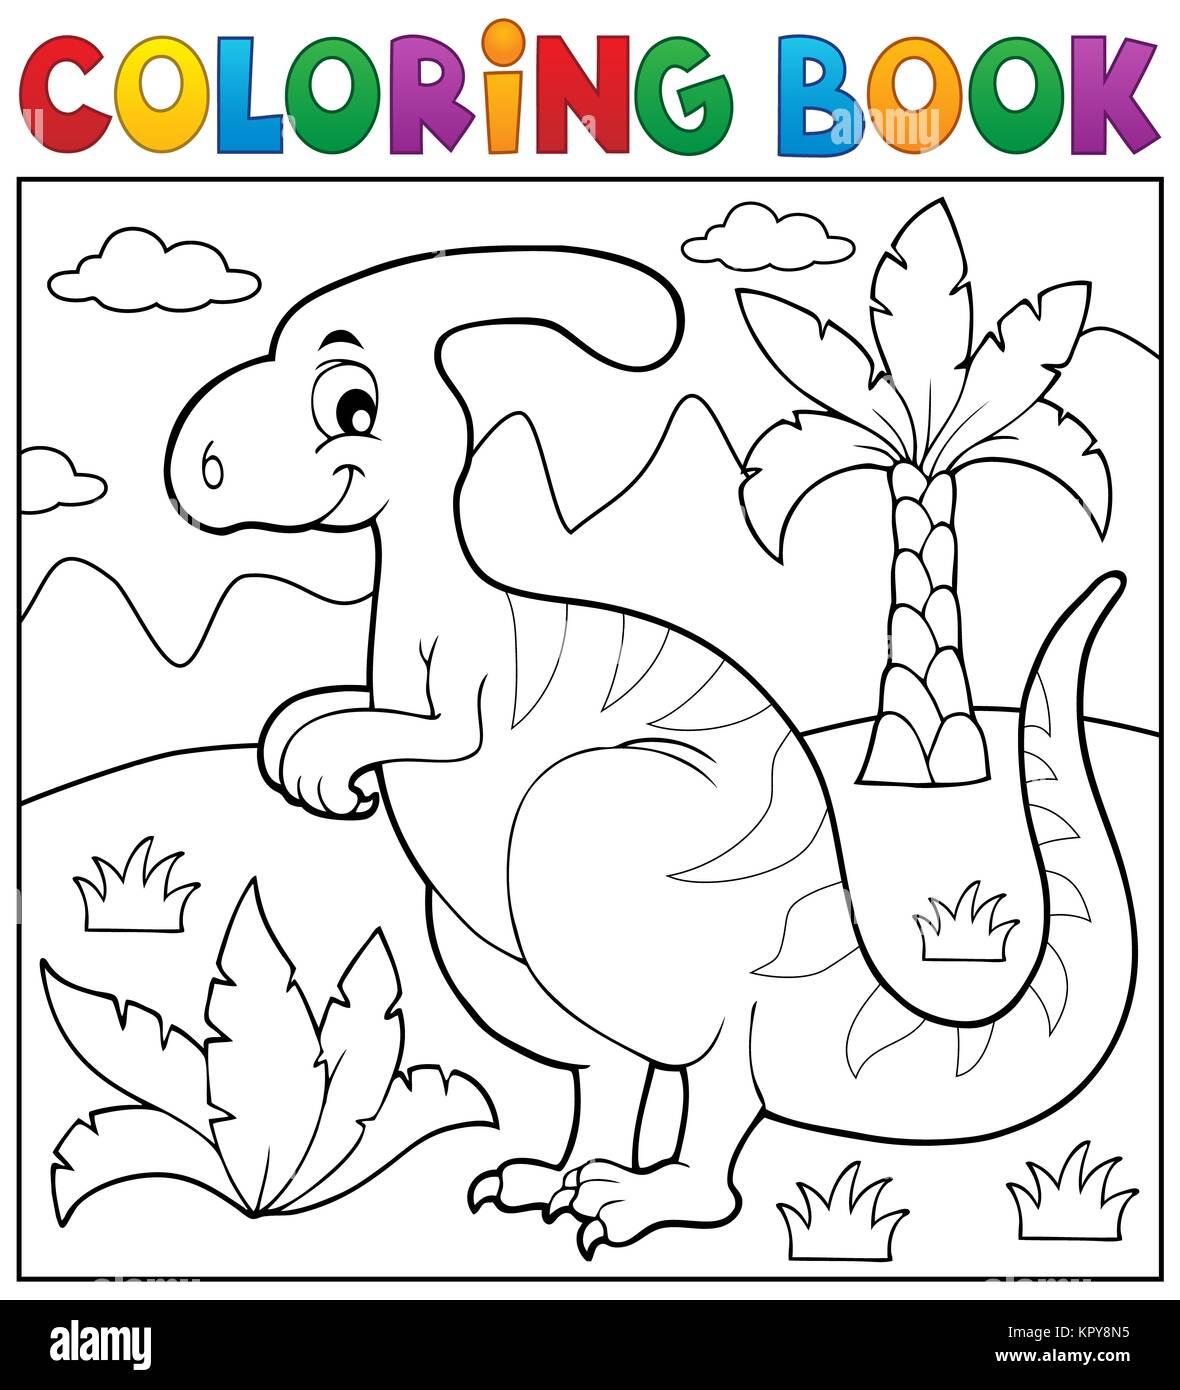 Livre Coloriage Dinosaure.Theme 4 Livre De Coloriage Dinosaure Banque D Images Photo Stock